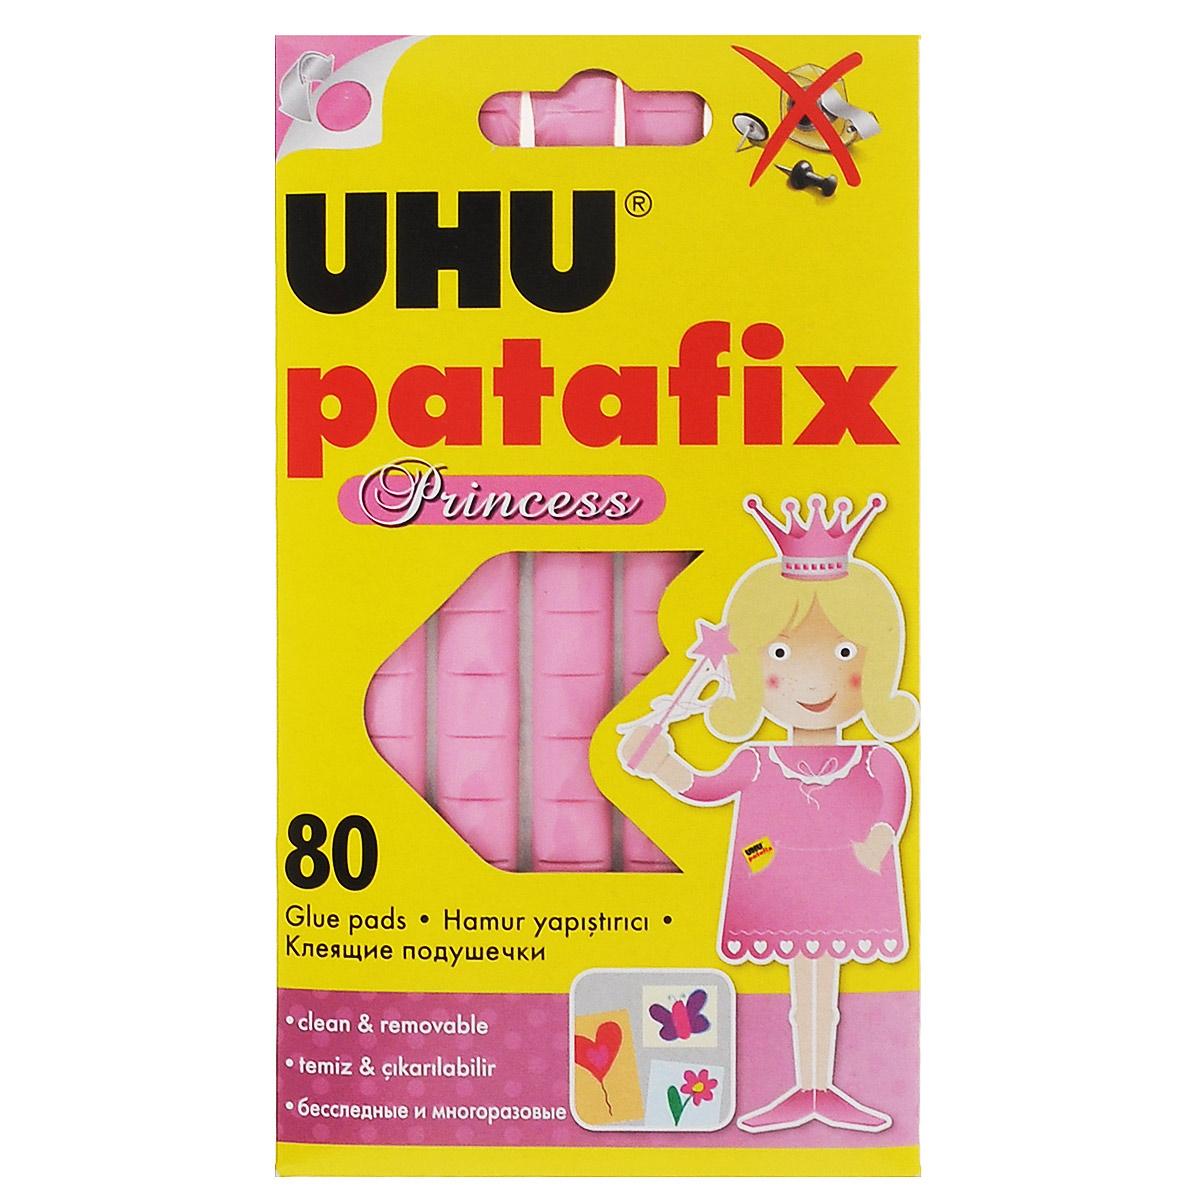 Клеевые подушечки UHU Patafix. Princess, цвет: розовый, 80 штFS-00261Специальные подушечки UHU Patafix. Princess предназначены для быстрой и чистой фиксации рисунков, фотографий, постеров и других лекгих вещей на различных поверхностях, таких как стены, двери, мебель. Не оставляют следов. Многоразовые. Могут использоваться в доме, детском саду или школе. Рекомендовано детям старше трех лет.